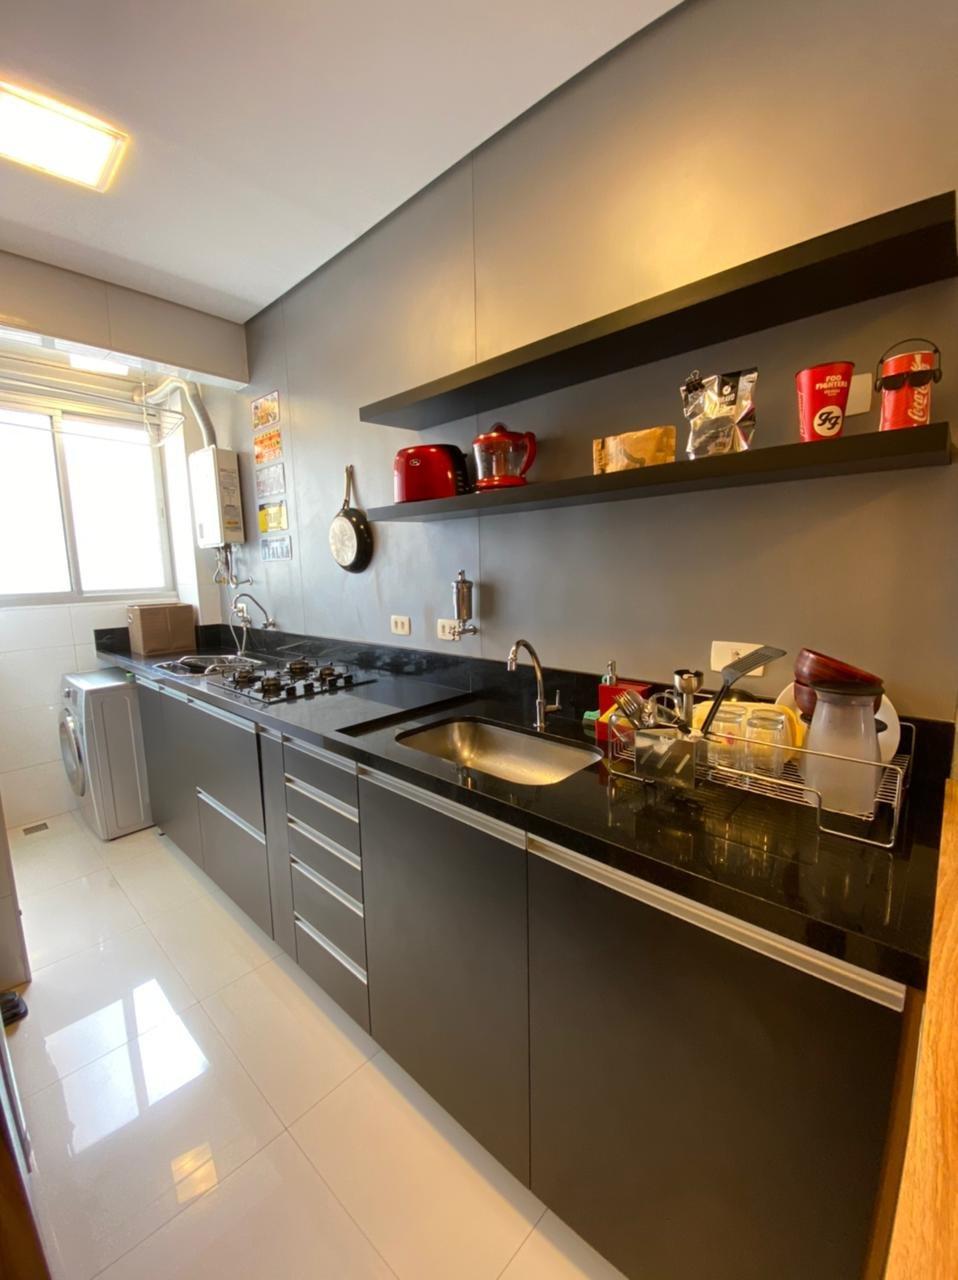 Foto de Cozinha com tigela, televisão, pia